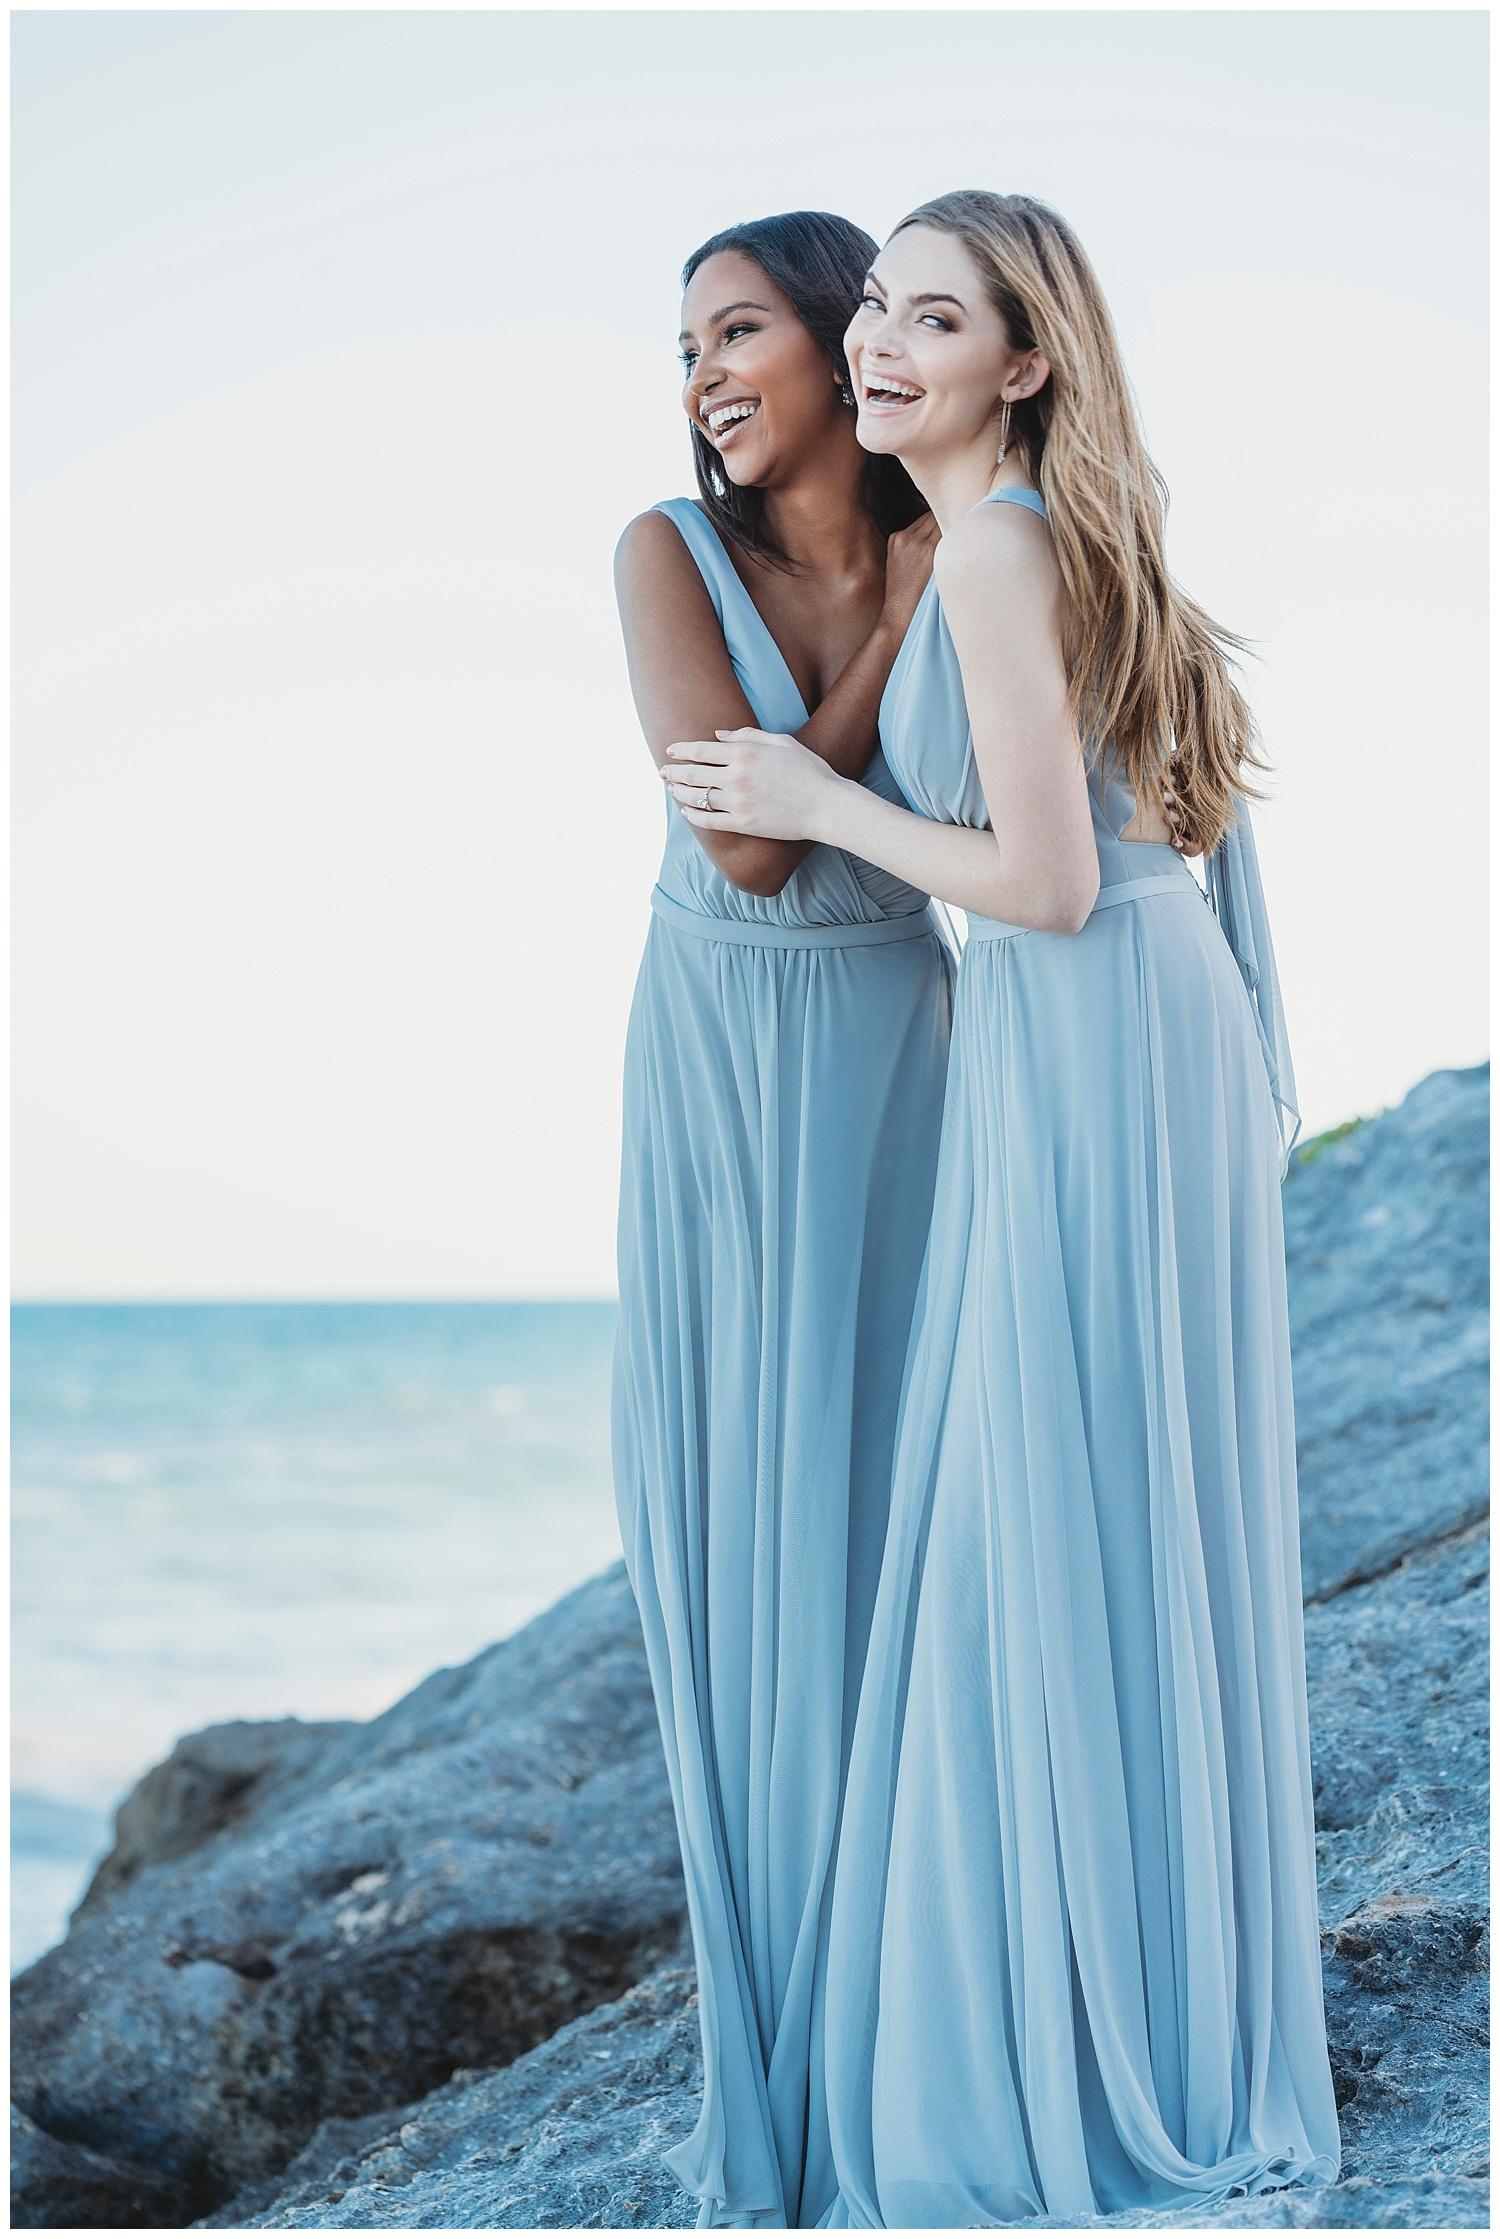 allure-bridesmaid-ocean-wedding-big-sur-california.jpg